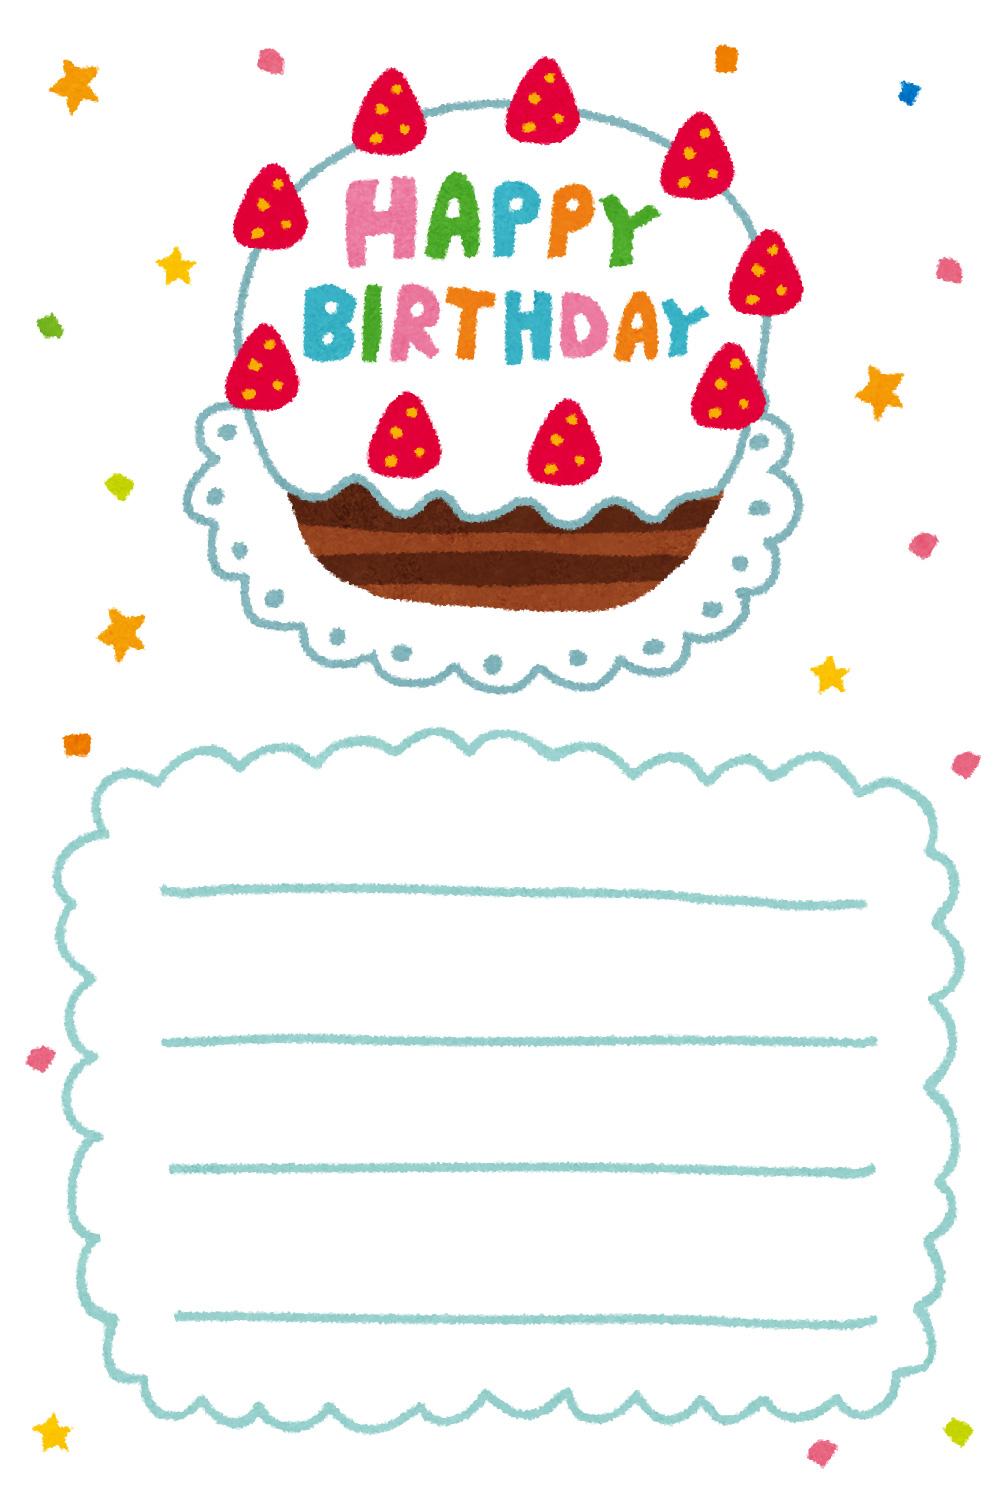 誕生日カードのテンプレート「バースデーケーキ」 | かわいいフリー